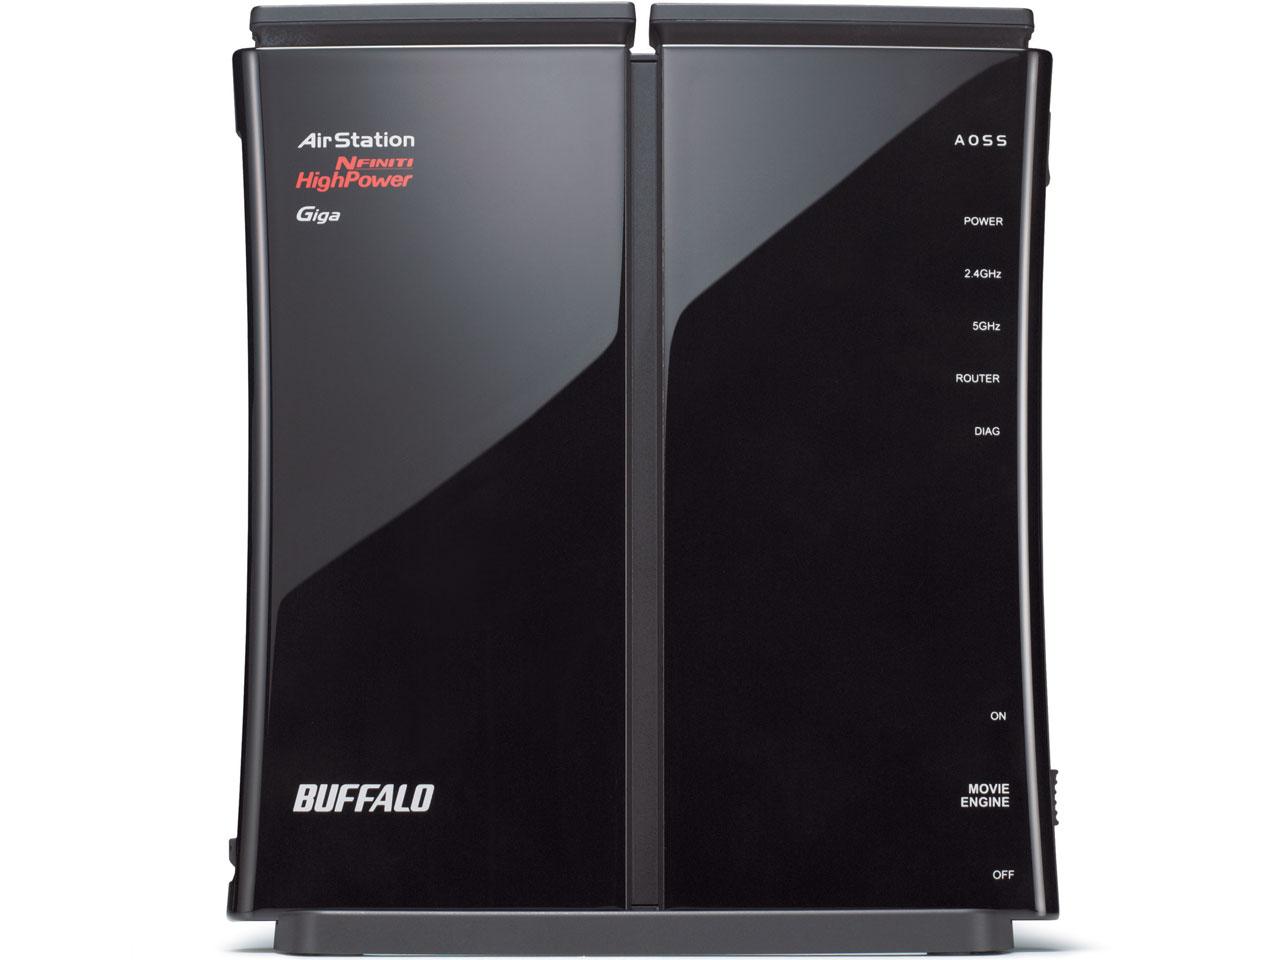 『本体 正面1』 AirStation NFINITI HighPower Giga WZR-HP-AG300H/EV の製品画像